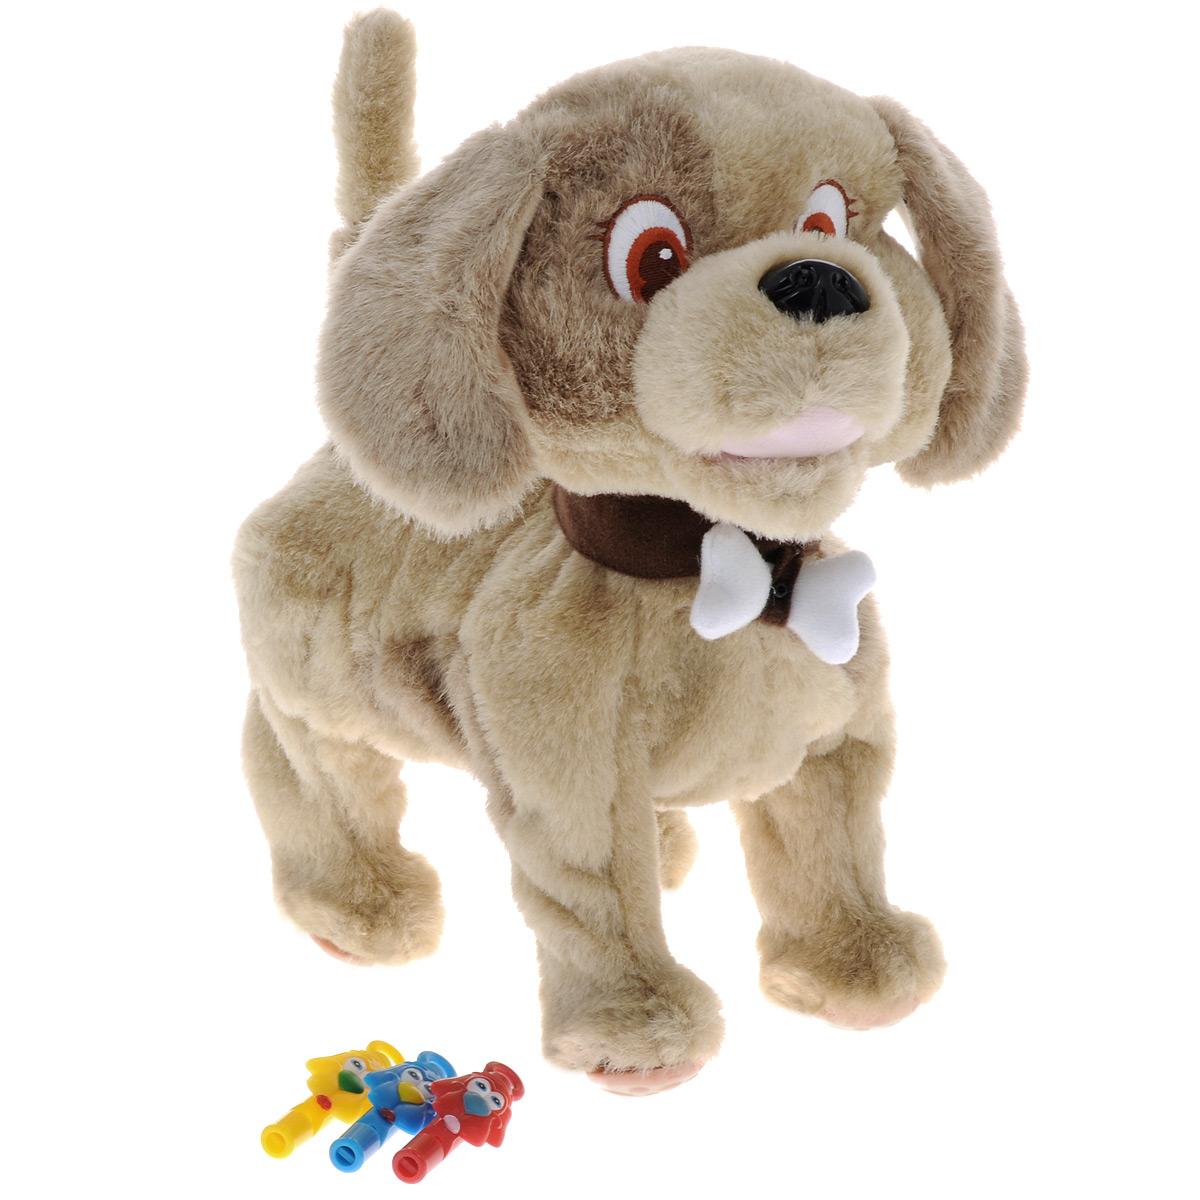 Интерактивная игрушка Сторожевой пес Bobby, цвет: бежевыйGPH00959Интерактивная игрушка Сторожевой пес Bobby станет верным другом вашему ребенку. Щенок ведет себя совсем как настоящий: он умеет ходить, лаять, вилять хвостиком, шевелить ушами, а также является отличным сторожем. В комплект входят три свистка: красный, синий и желтый. В зависимости от того, в какой свисток ты дунешь, Bobby выполнит следующие команды: красный свисток: щенок радостно завиляет хвостиком и залает; синий свисток: щенок пойдет гулять; желтый свисток: щенок залает и зашевелит ушами. Bobby остановится, если еще раз дунуть в выбранный свисток. Погладьте щенка по голове, и он от удовольствия радостно залает и весело завиляет хвостиком. Предусмотрен режим охраны. При включении данного режима Bobby будет звонко лаять на каждого, кто попытается попытается проникнуть на территорию его хозяина (датчик движения расположен в косточке, которая закреплена на ошейнике). Порадуйте вашего ребенка таким замечательным подарком! Для работы игрушки...